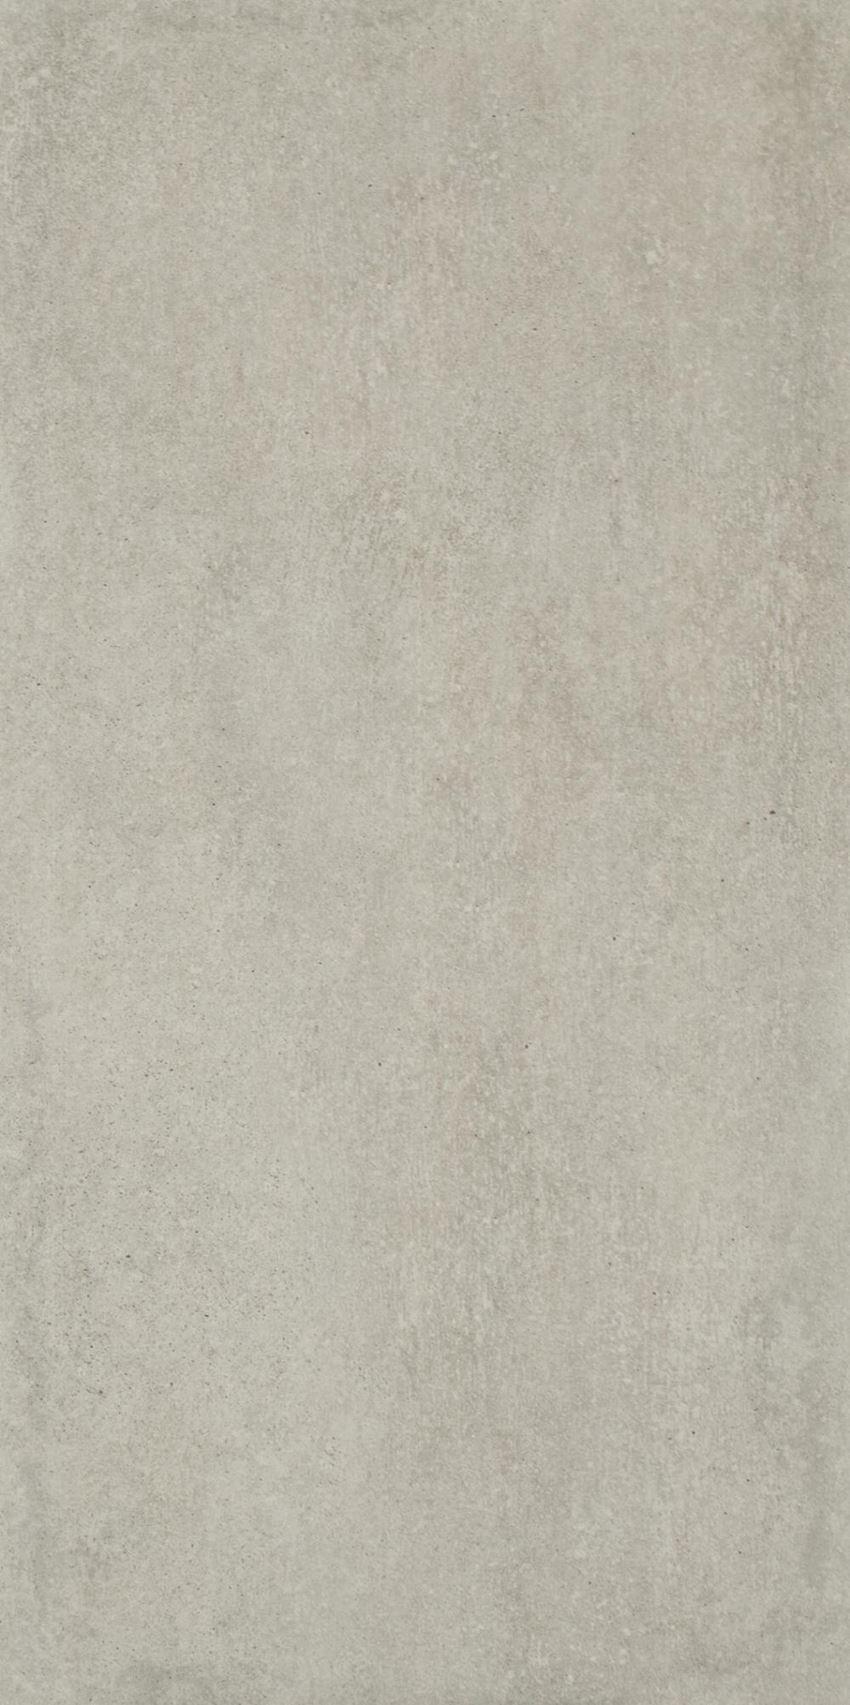 Płytka ścienno-podłogowa 44,8x89,8 cm Paradyż Rino Grys Gres Szkl. Rekt. Mat